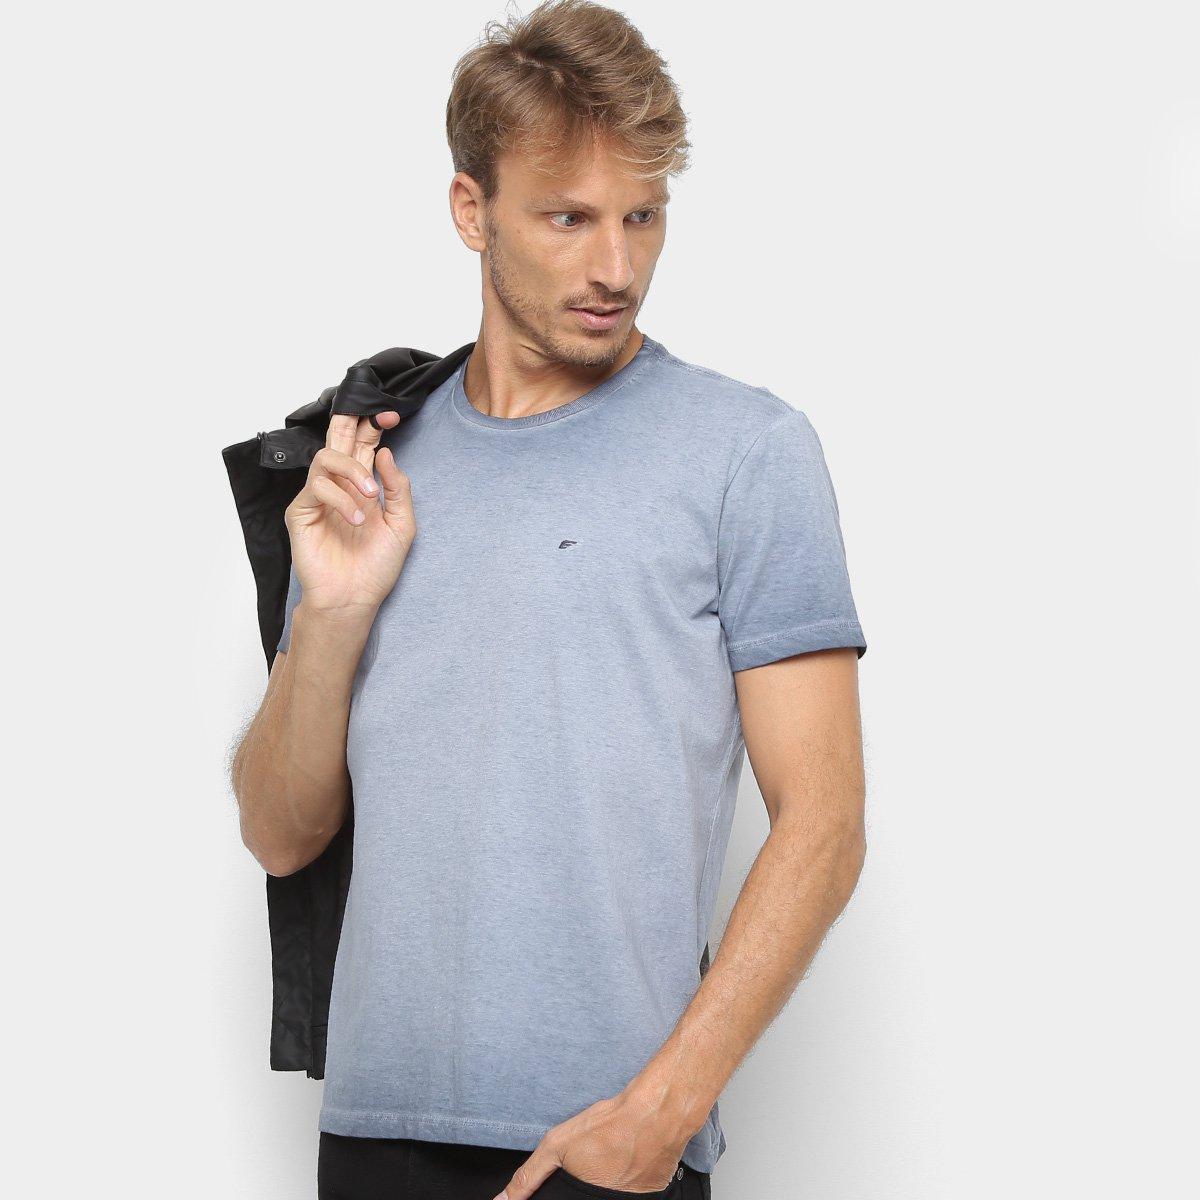 ebef92256 Camiseta Ellus Retrocolor Class Masculina